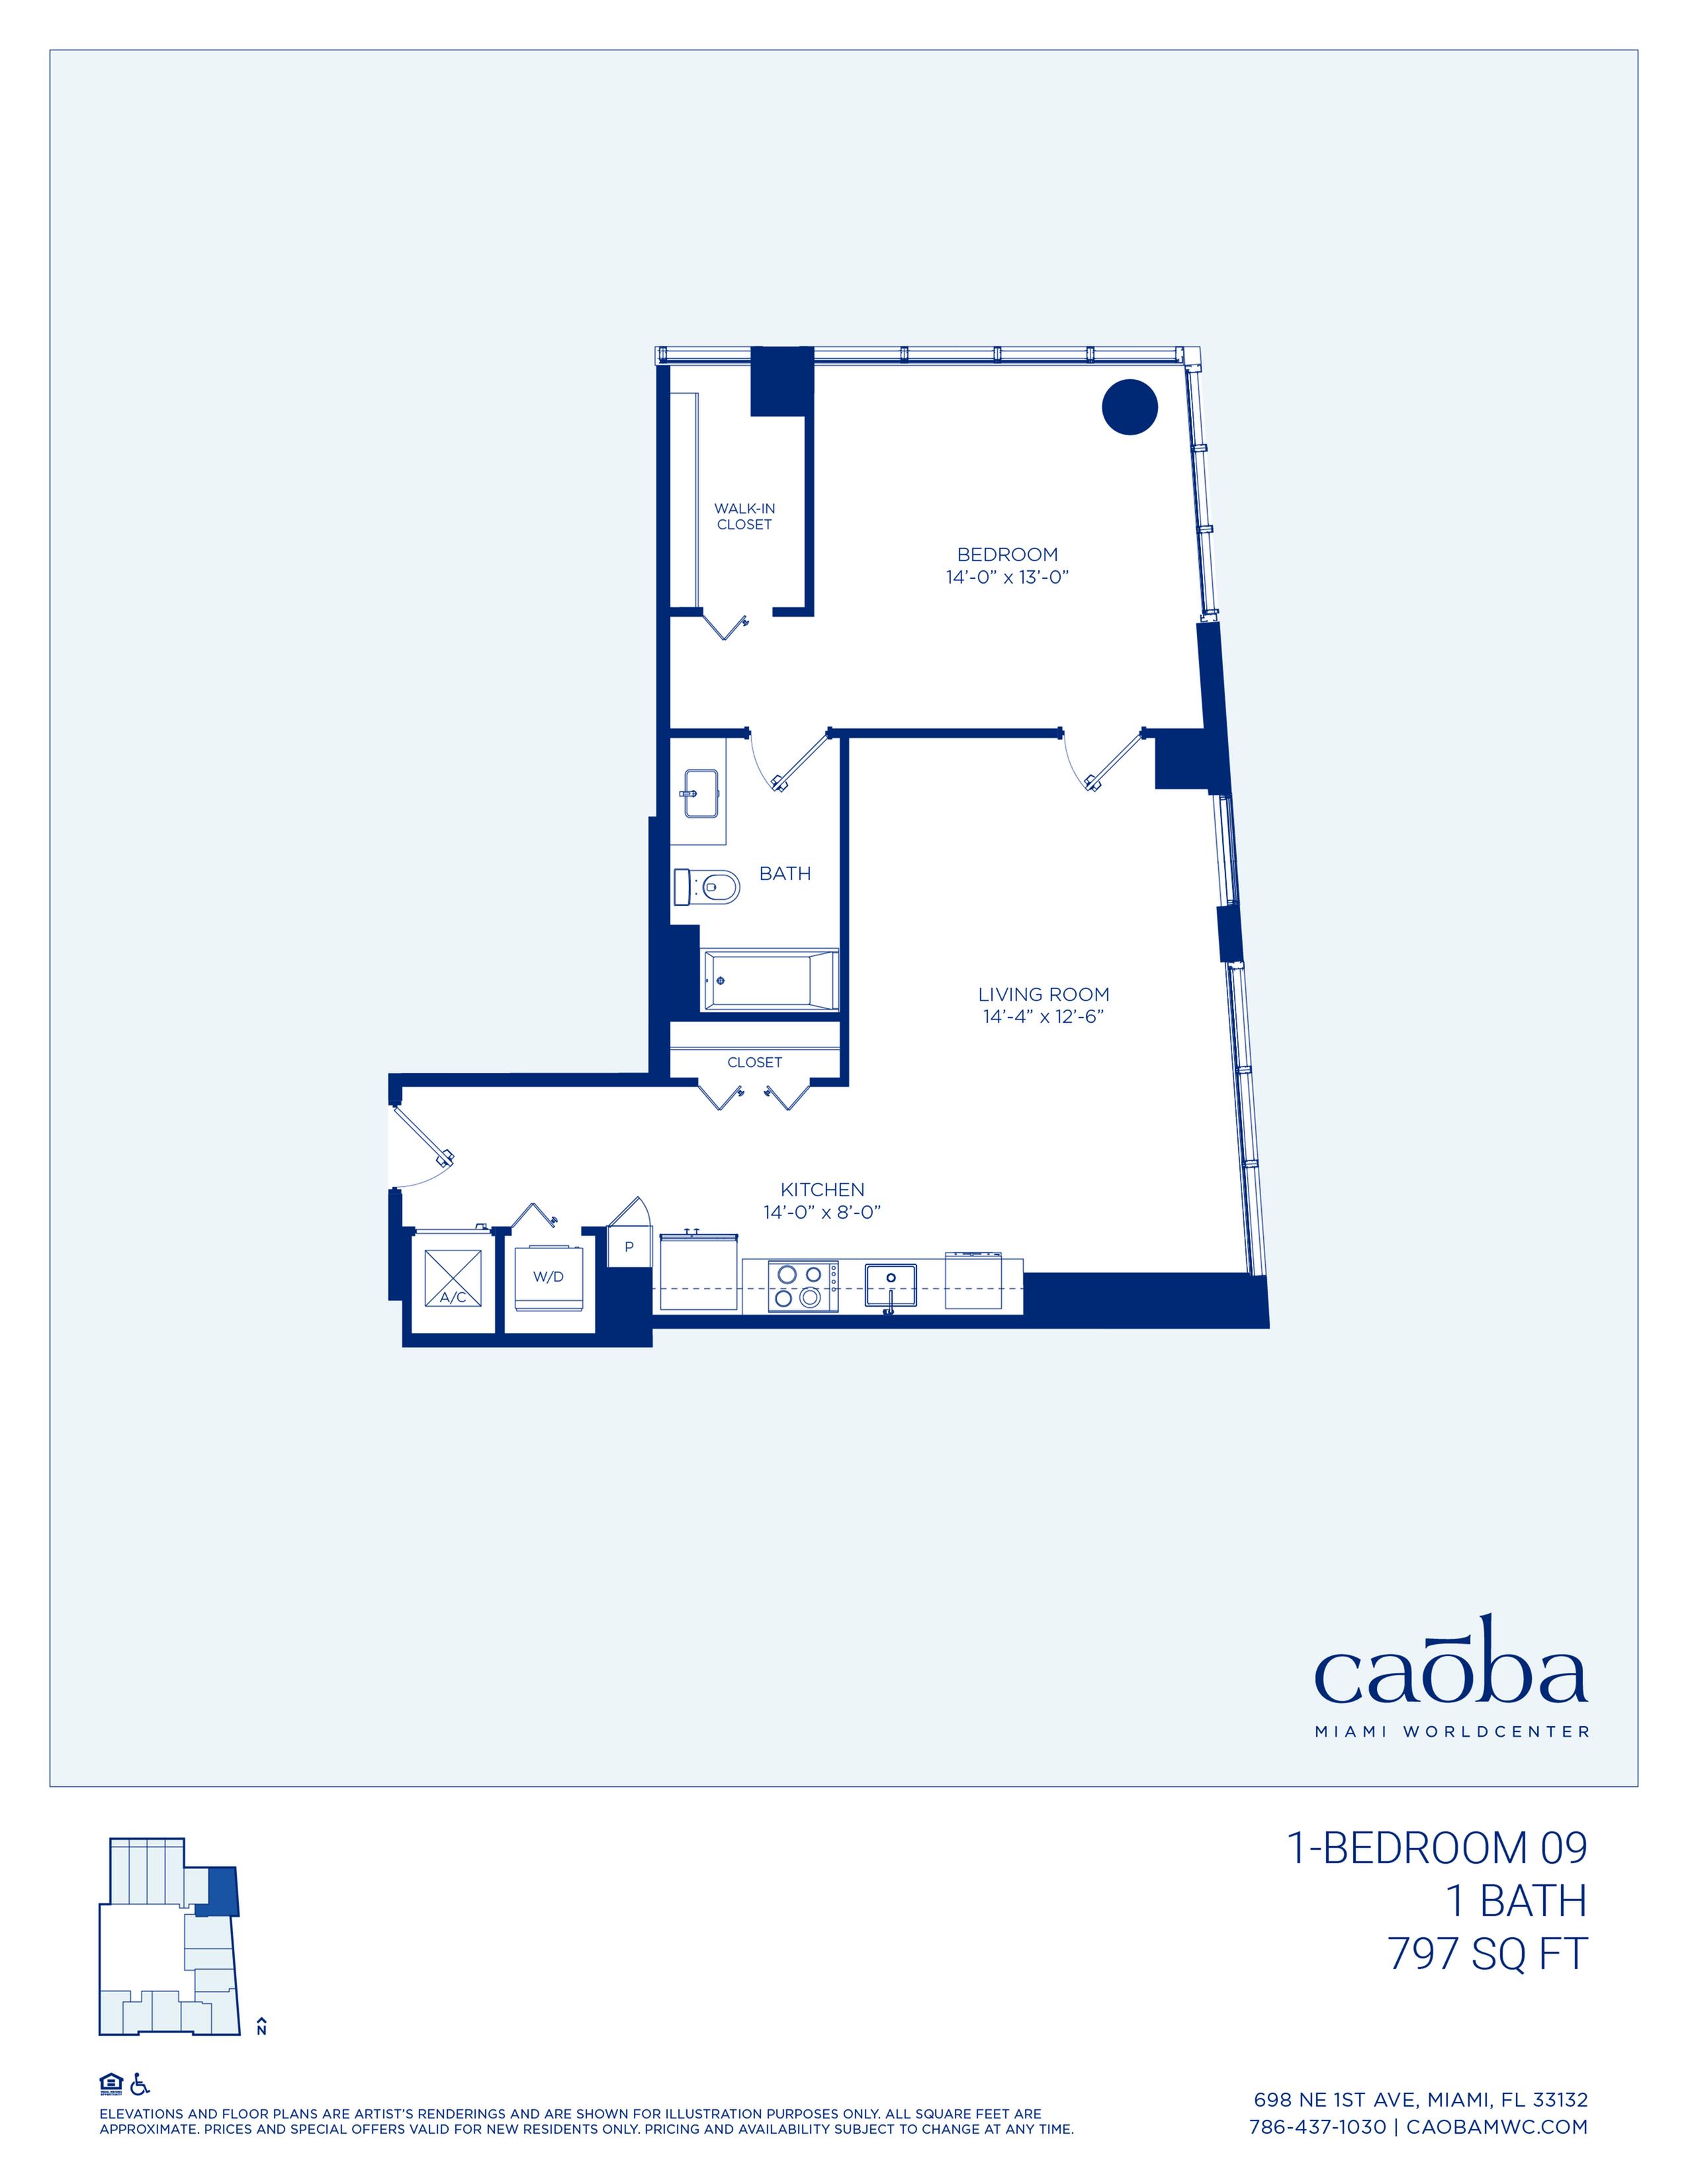 Miami Caoba Floorplan - 1-09